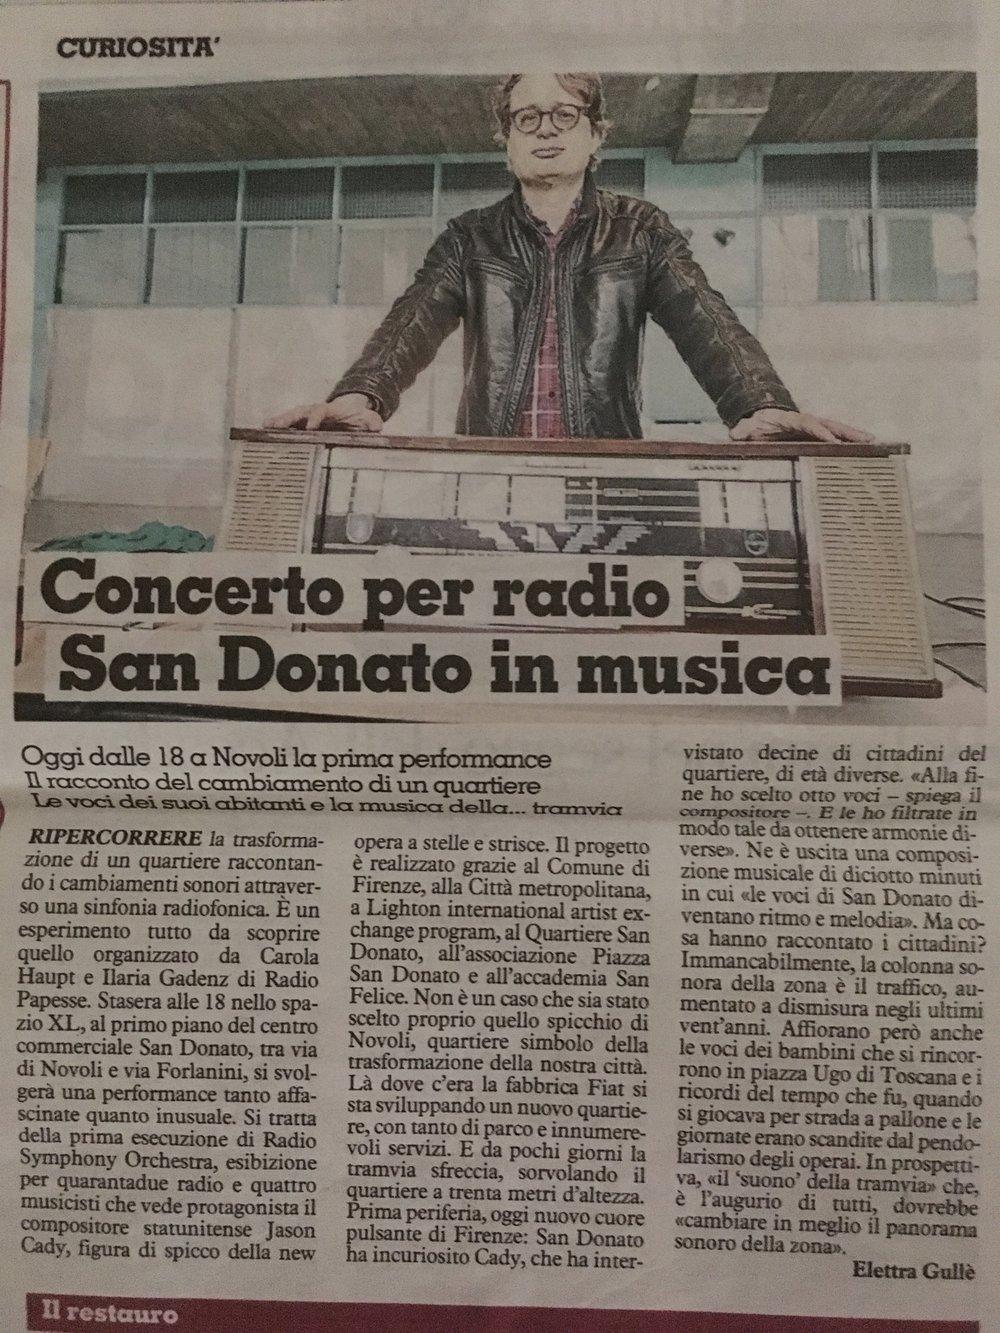 La Nazzione, February 22, 2019